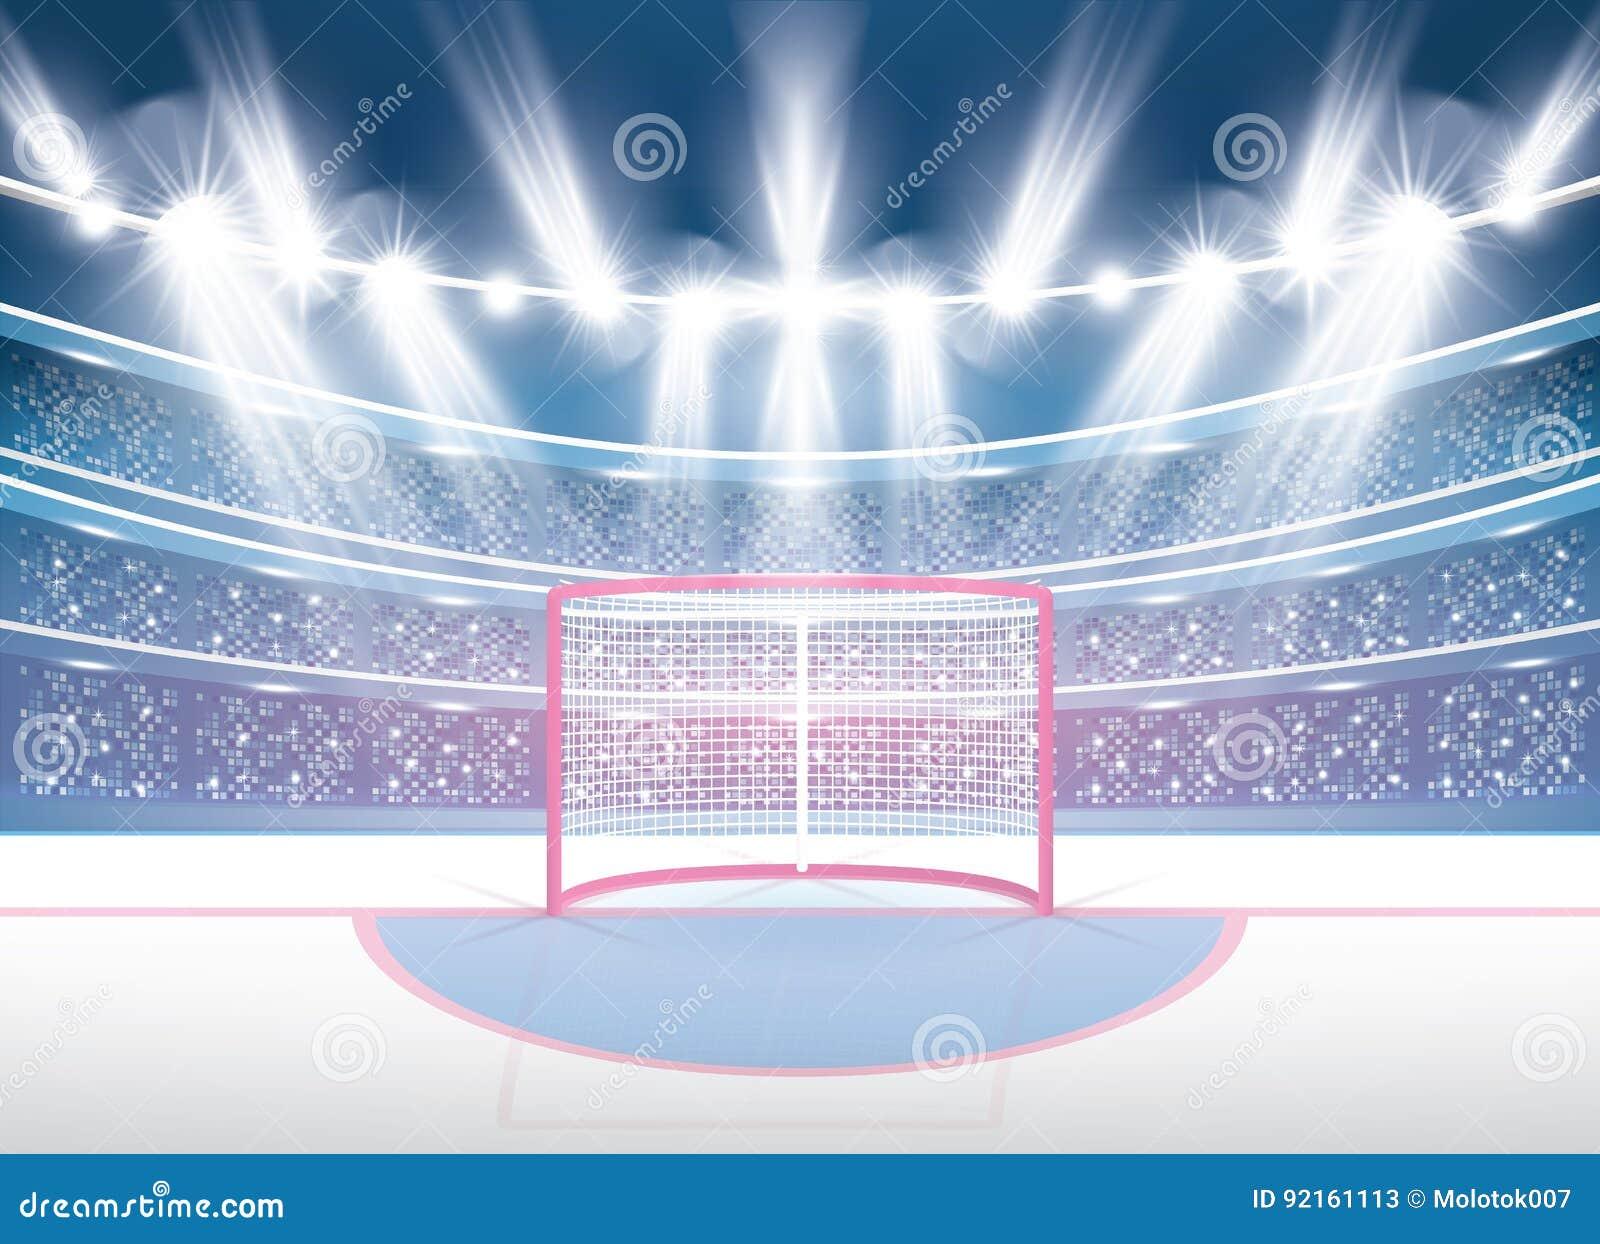 有聚光灯和红色目标的冰球体育场